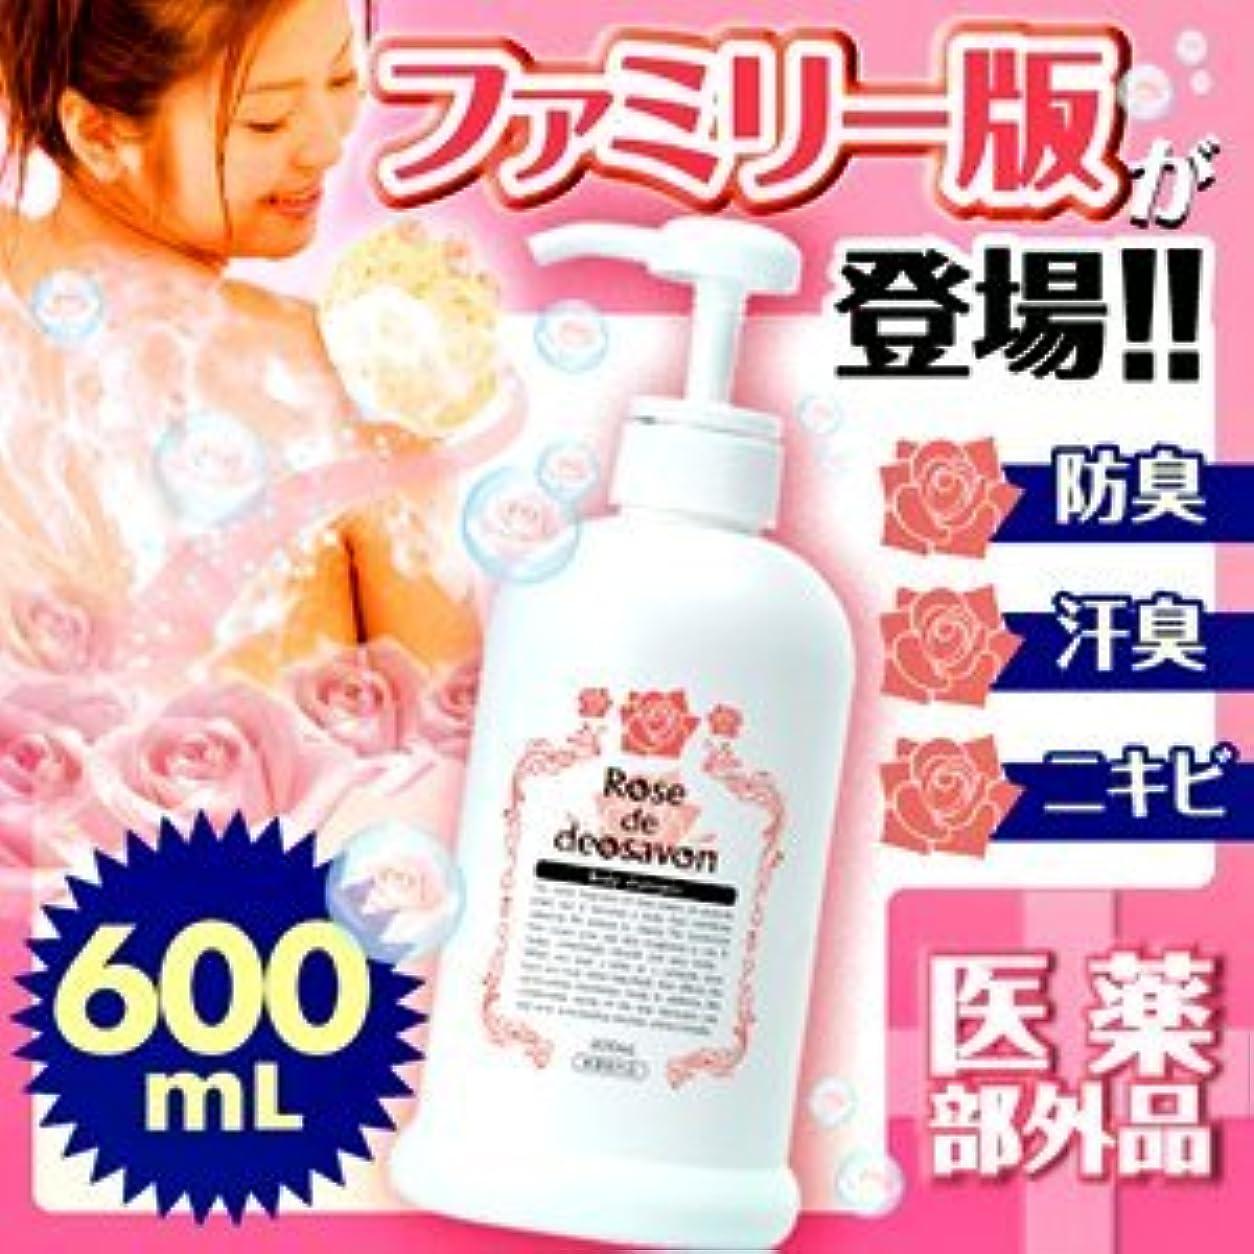 含める乗って真実バラの香りの薬用デオドラントボディーソープ『ローズドデオシャボン増量』